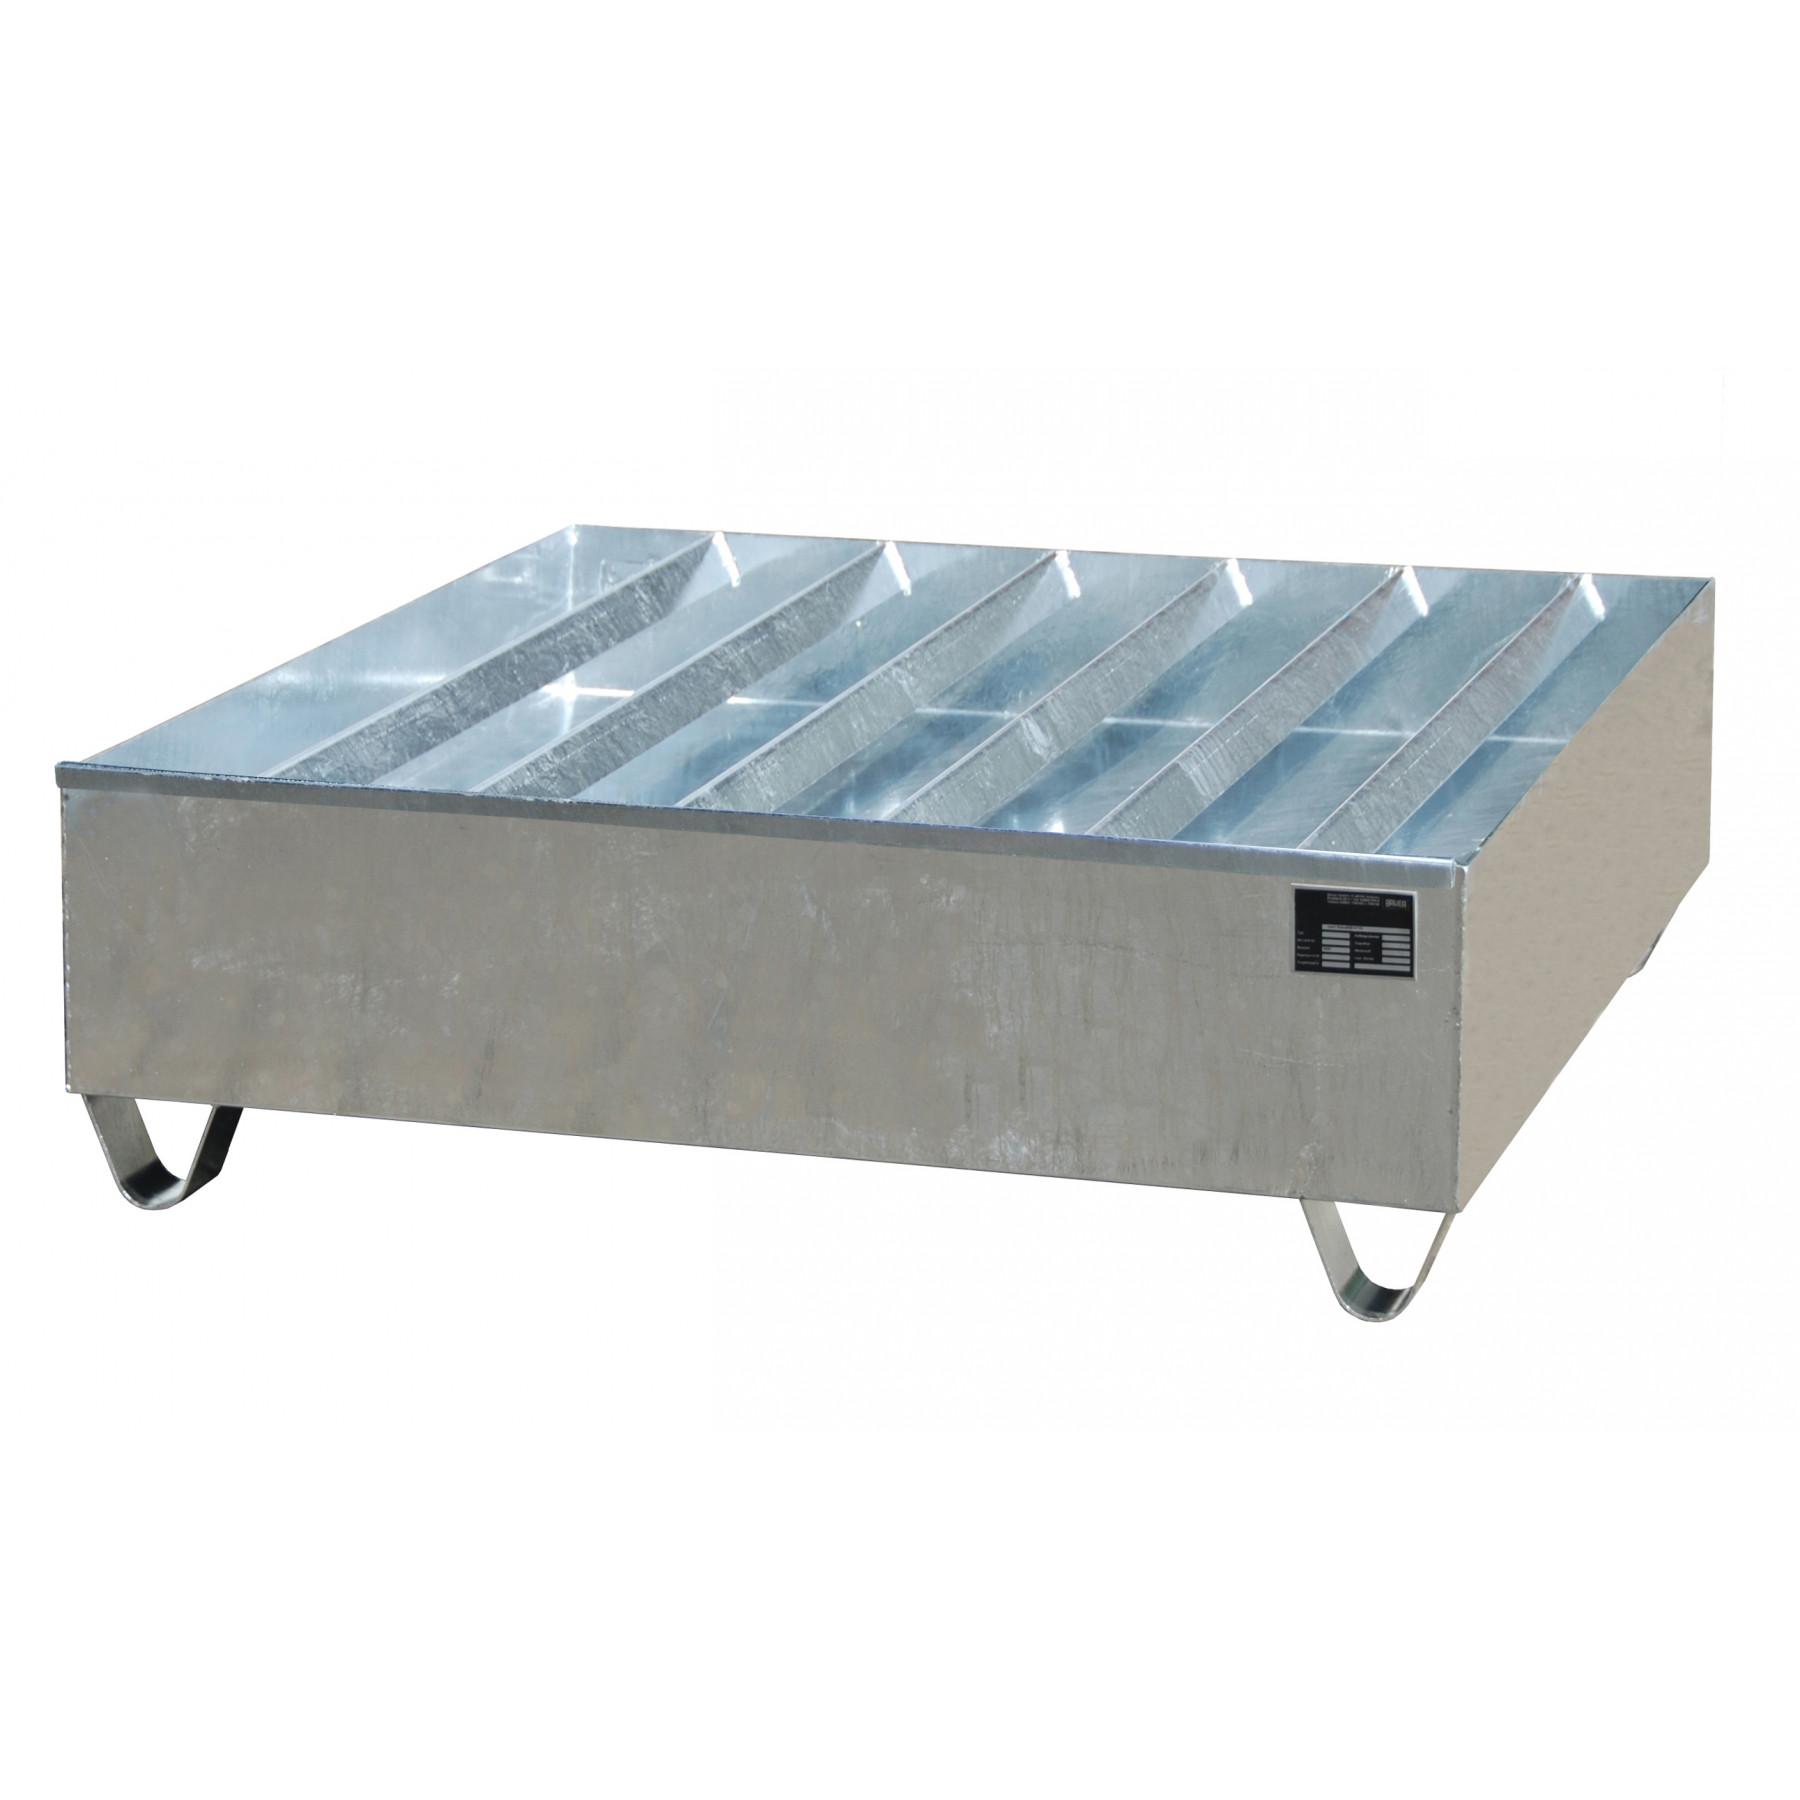 Profiel opvangbakken voor 4x 200 liter vaten, vervaardigd van 2mm staalplaat